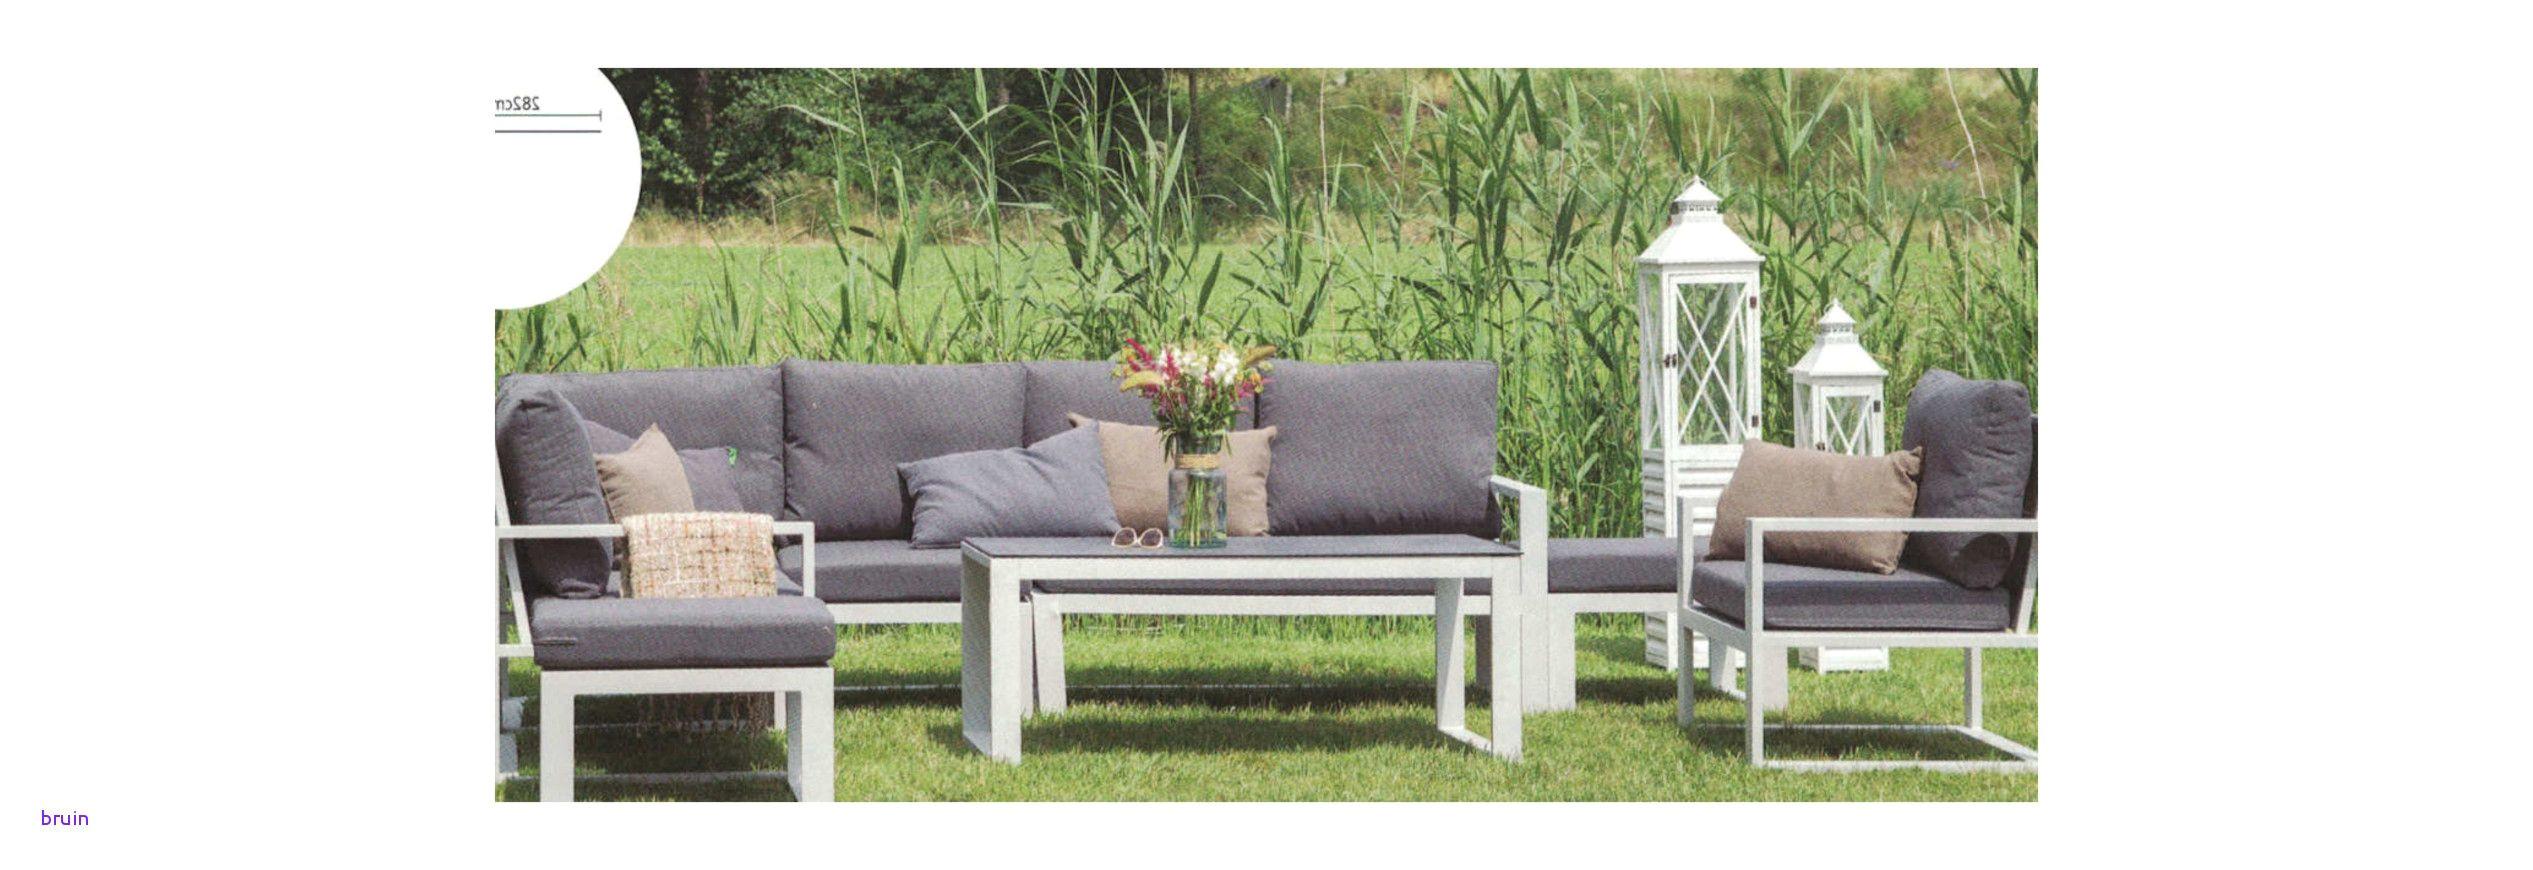 33 elegante muebles de baa o originales muebles de baa o originales entonces si deseas secure